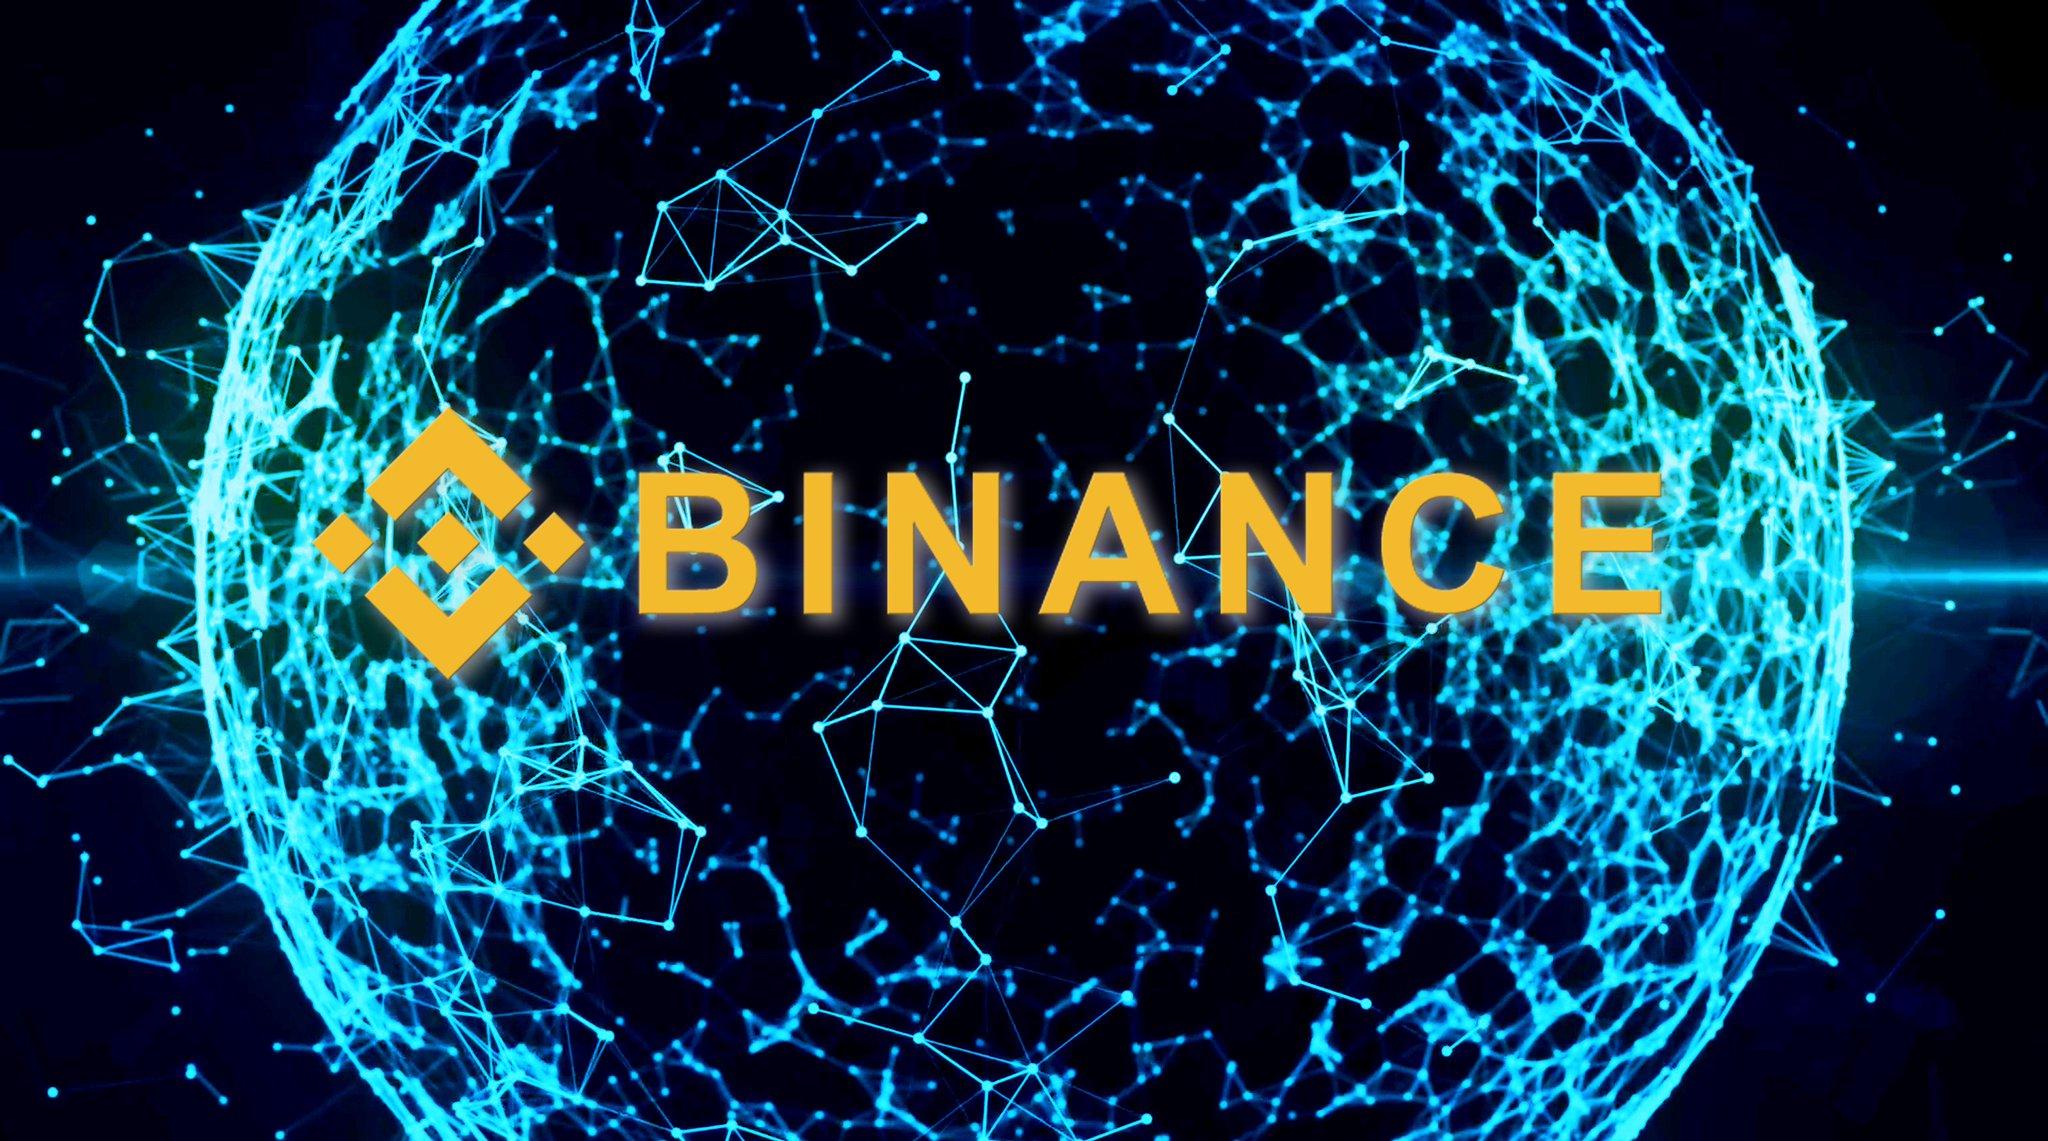 Бинанс - основные достижения и преимущества биржи